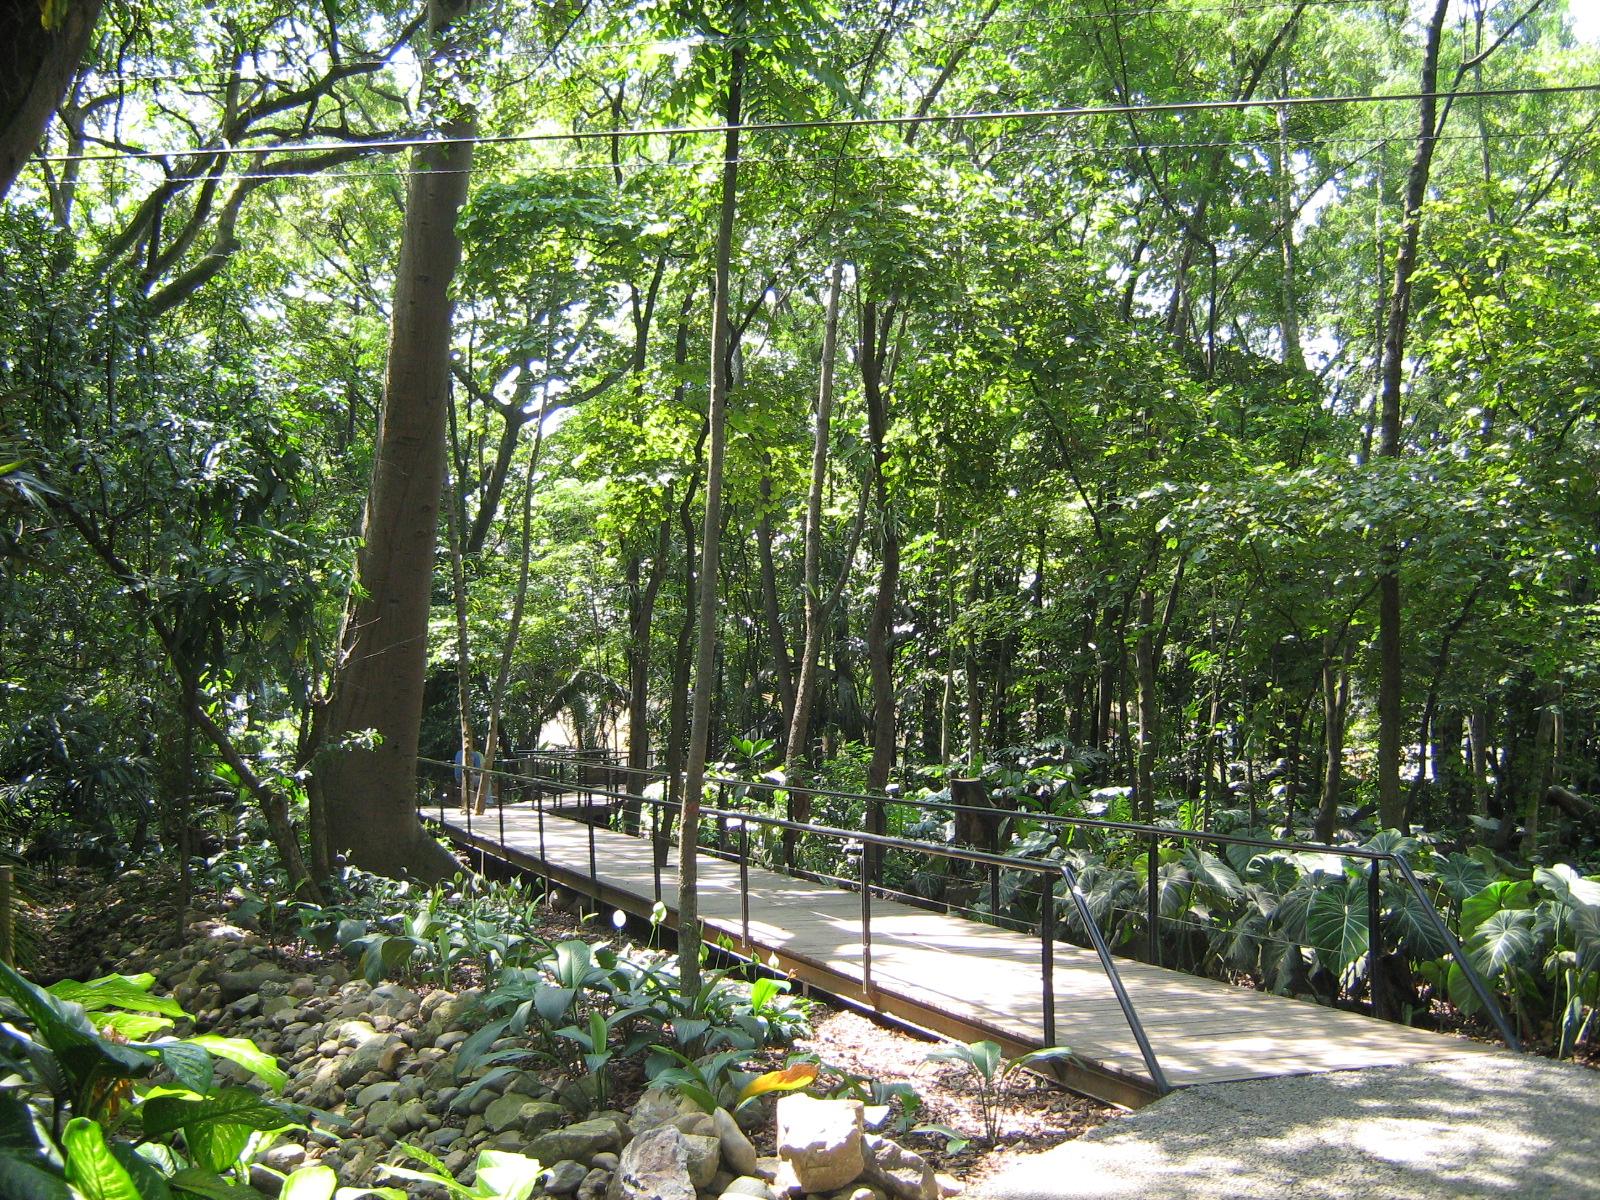 Archivo jardin botanico de medellin bosque tropical 2 for Jardin botanico el bosque encantado